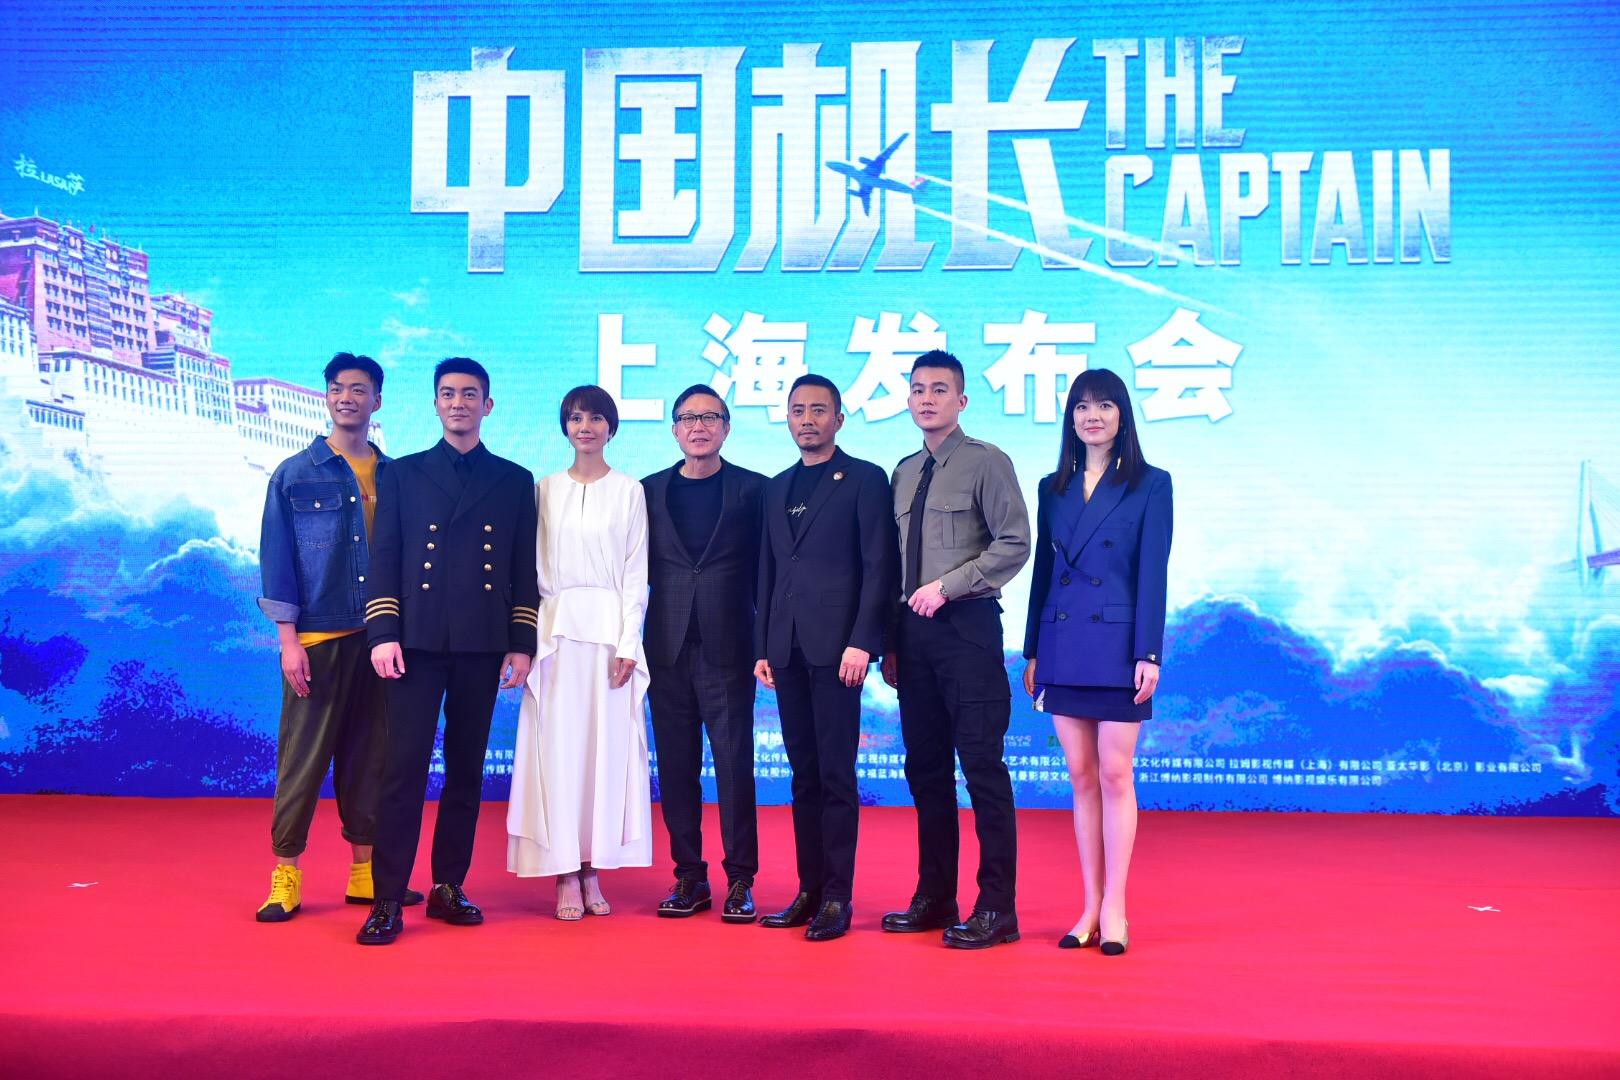 《中国机长》张涵予称演英雄机长太难杜江自曝看片时毛骨悚然